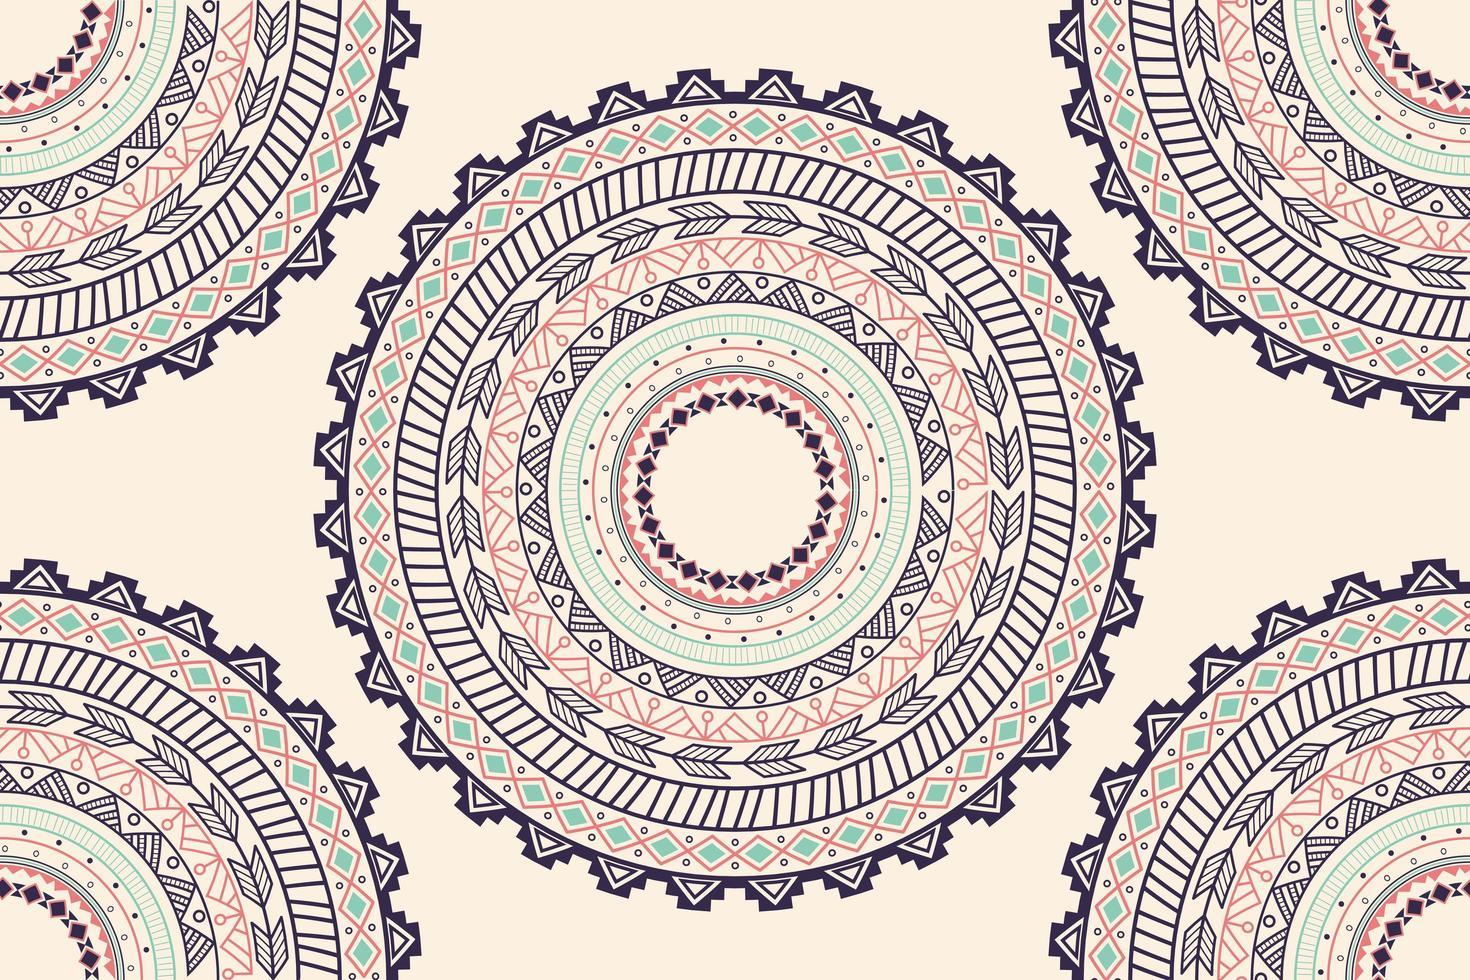 Etniska Aztec cirkel prydnad sömlösa mönster vektor